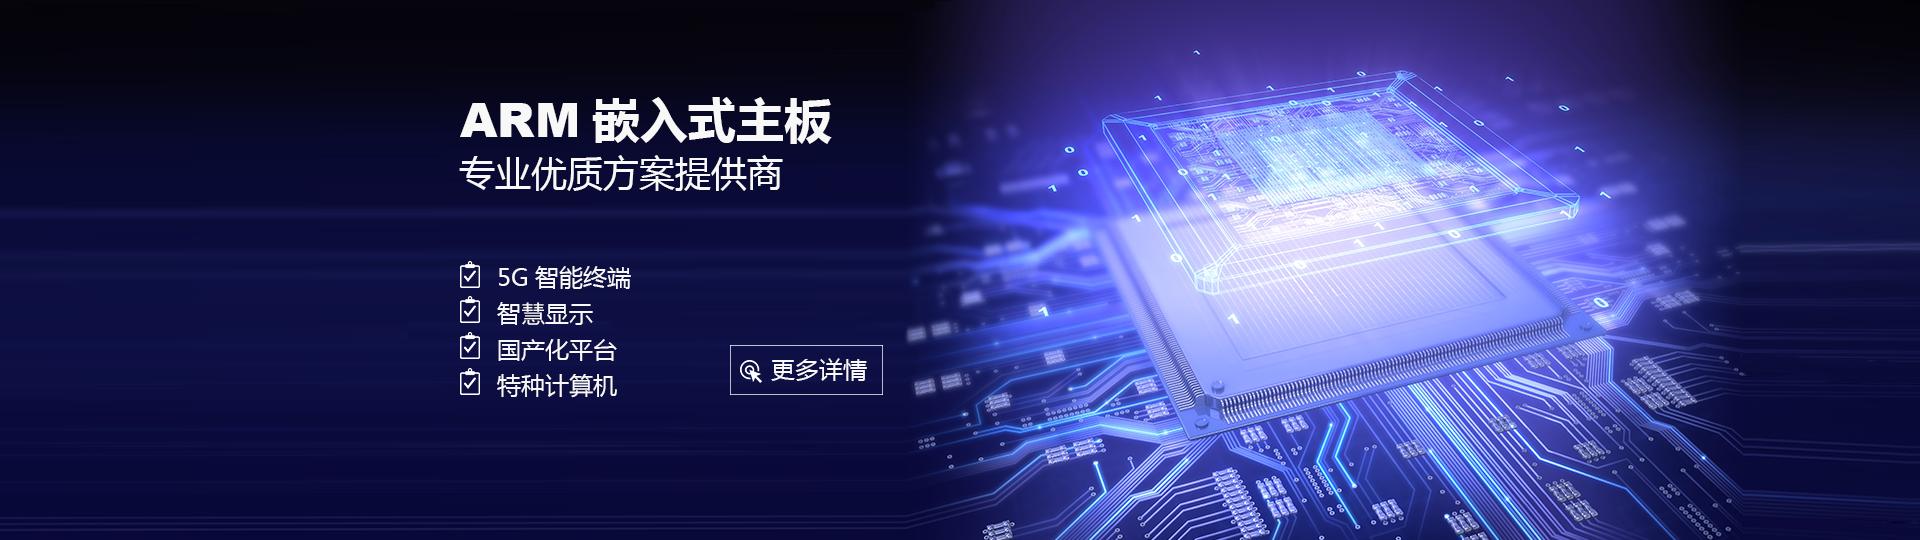 联智通达:为中国5G终端产业繁荣助力